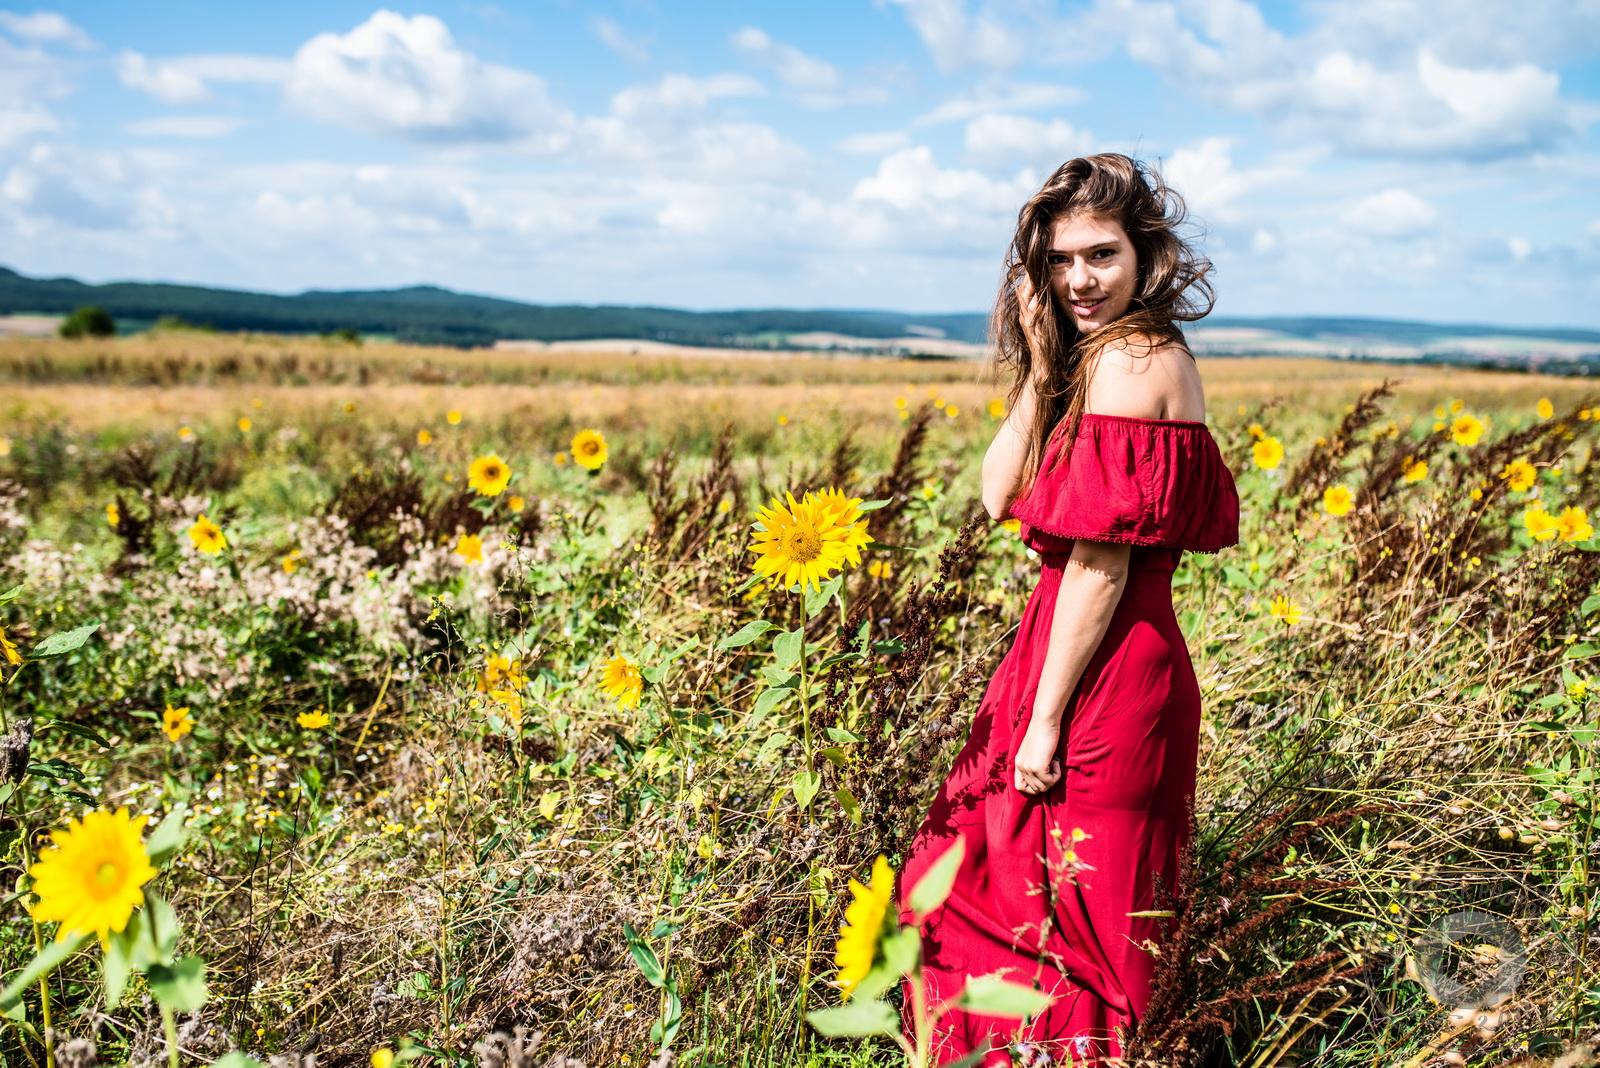 Rosa im Feld